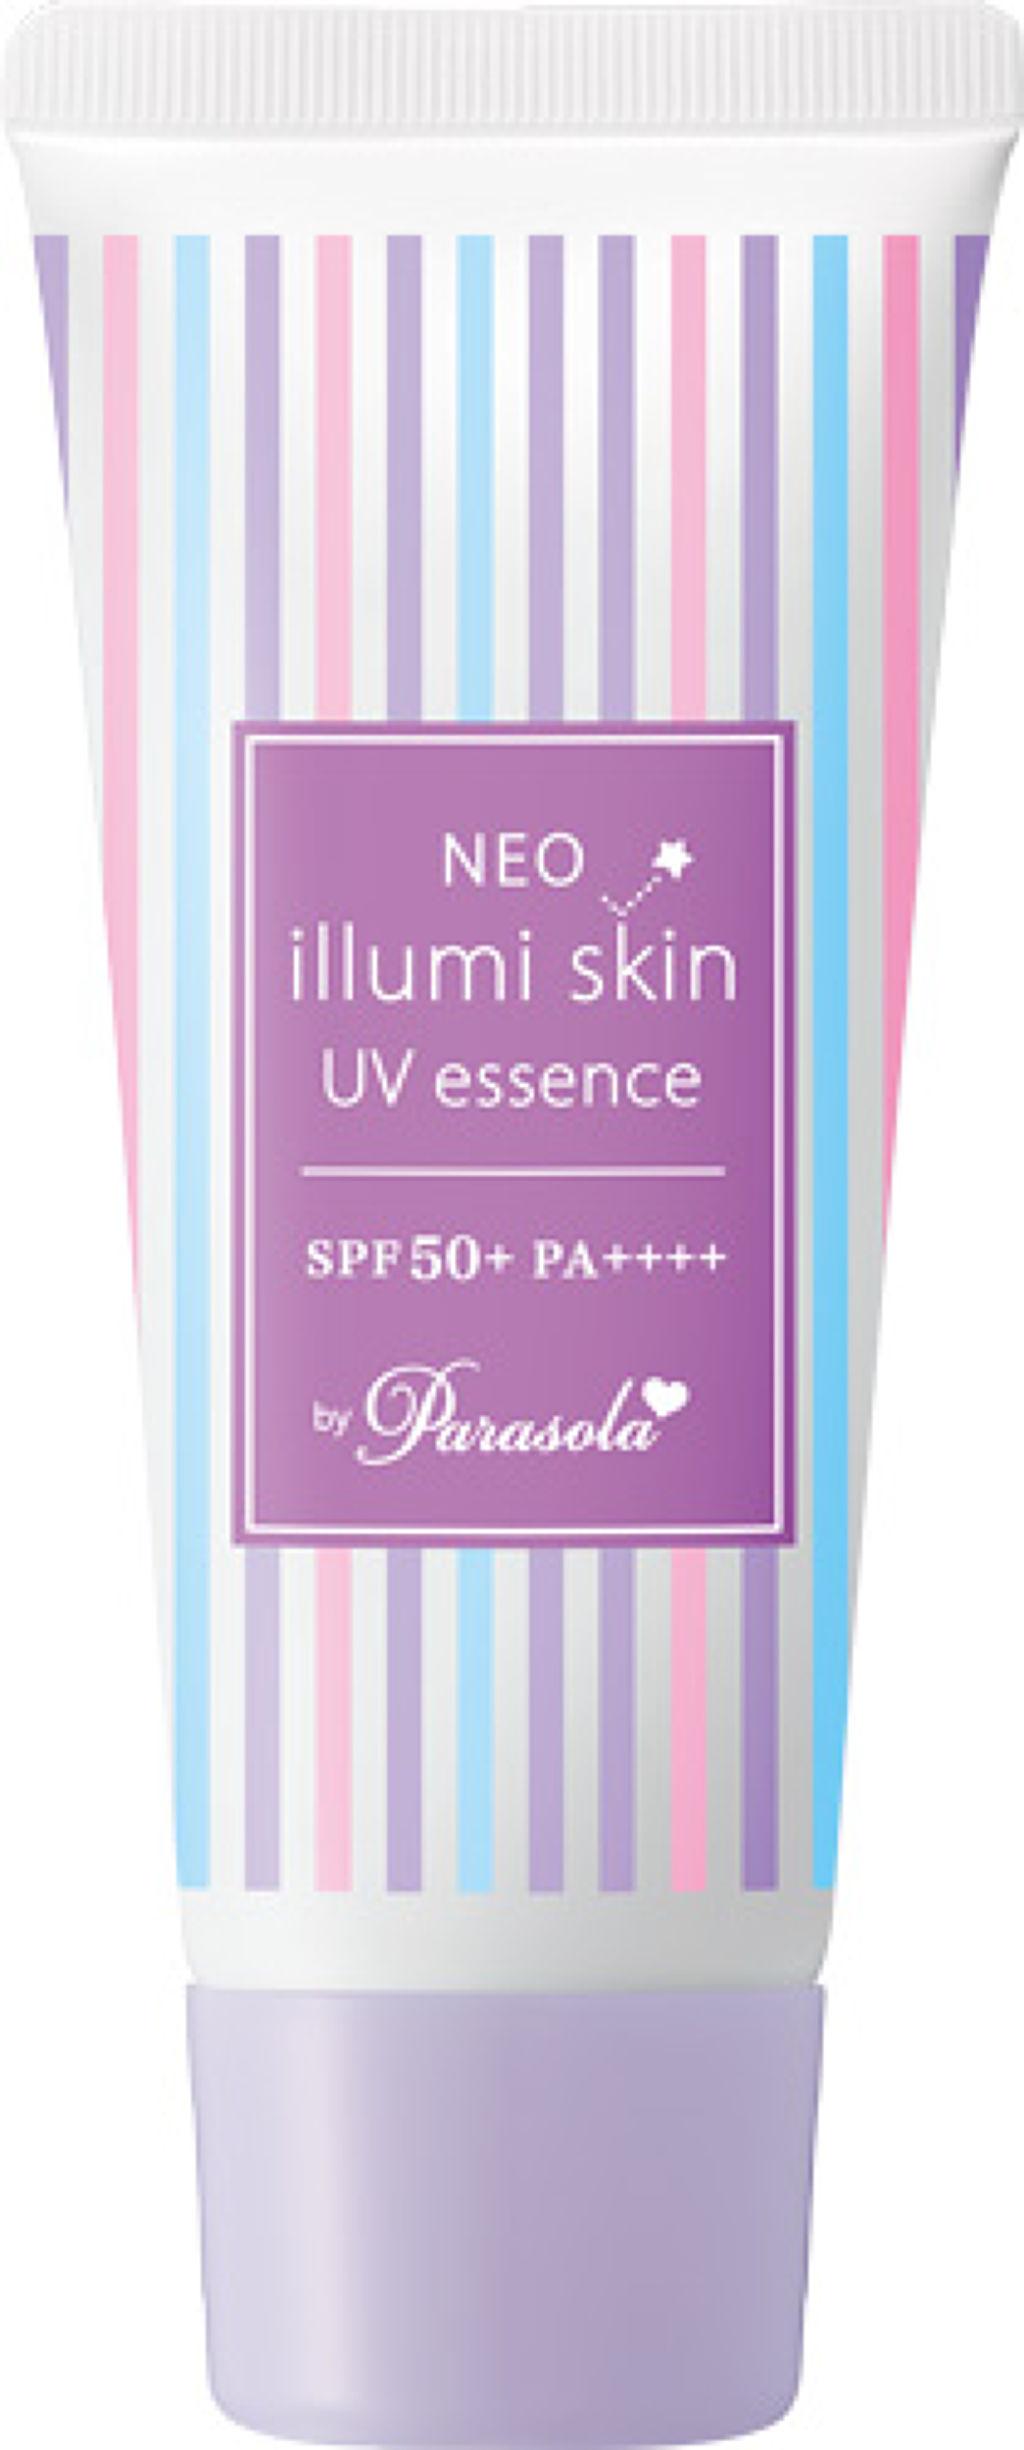 パラソーラ ネオイルミスキン UV エッセンス LV 【ネオイルミ ラベンダー】 パラソーラ